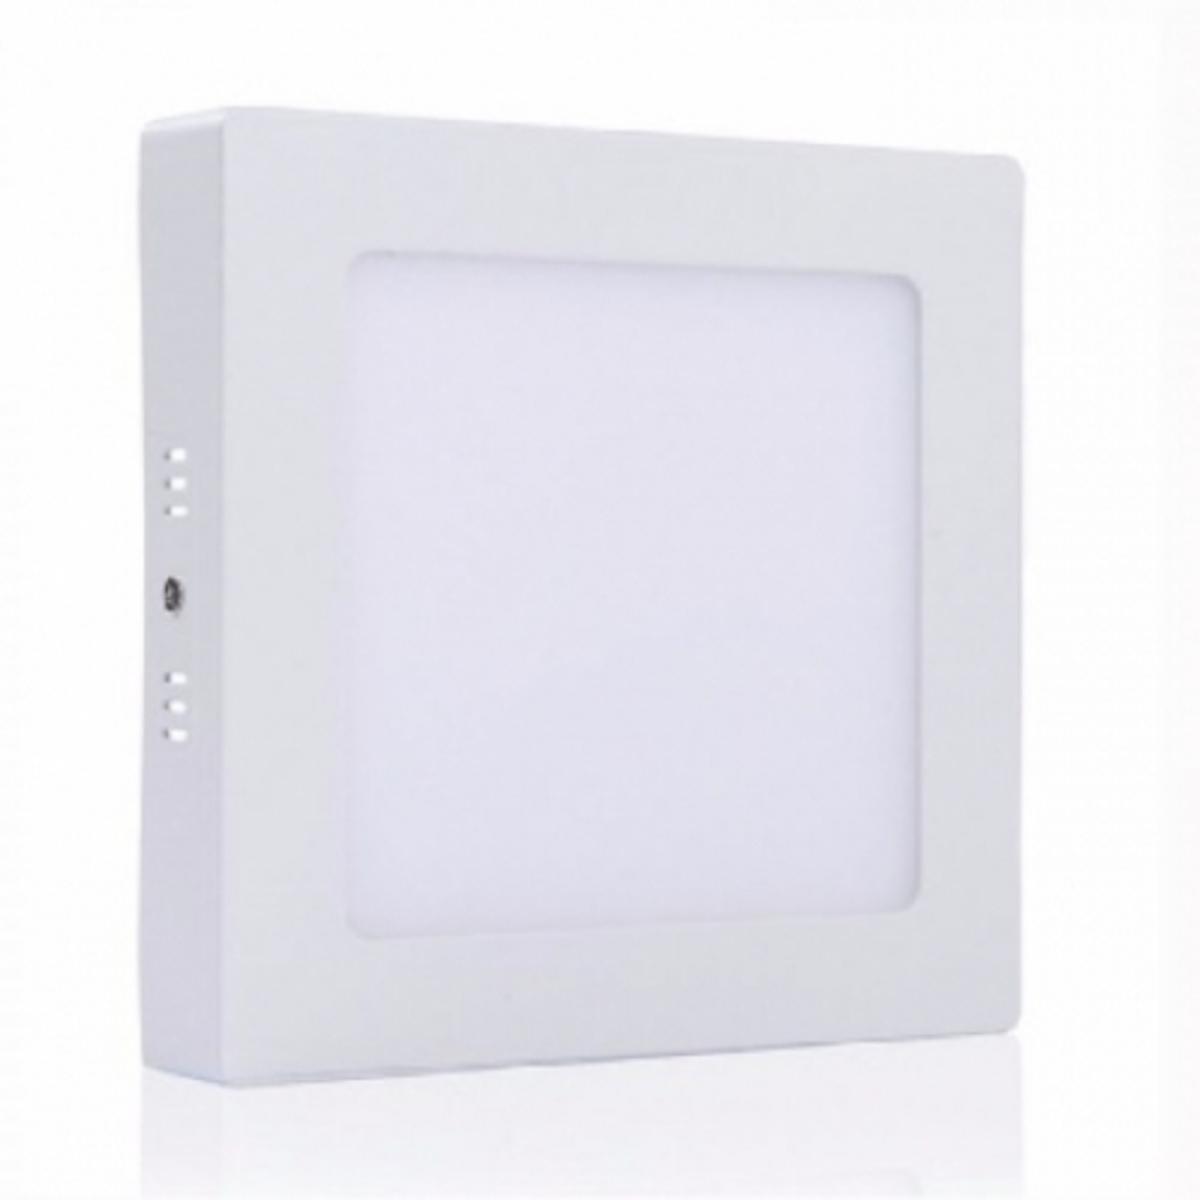 Eletriza - Eletriza Materiais Elétricos, Hidráulicos e Automação Industrial - LUMINÁRIA DE LED QUADRADA DE SOBREPOR 12W 6500K